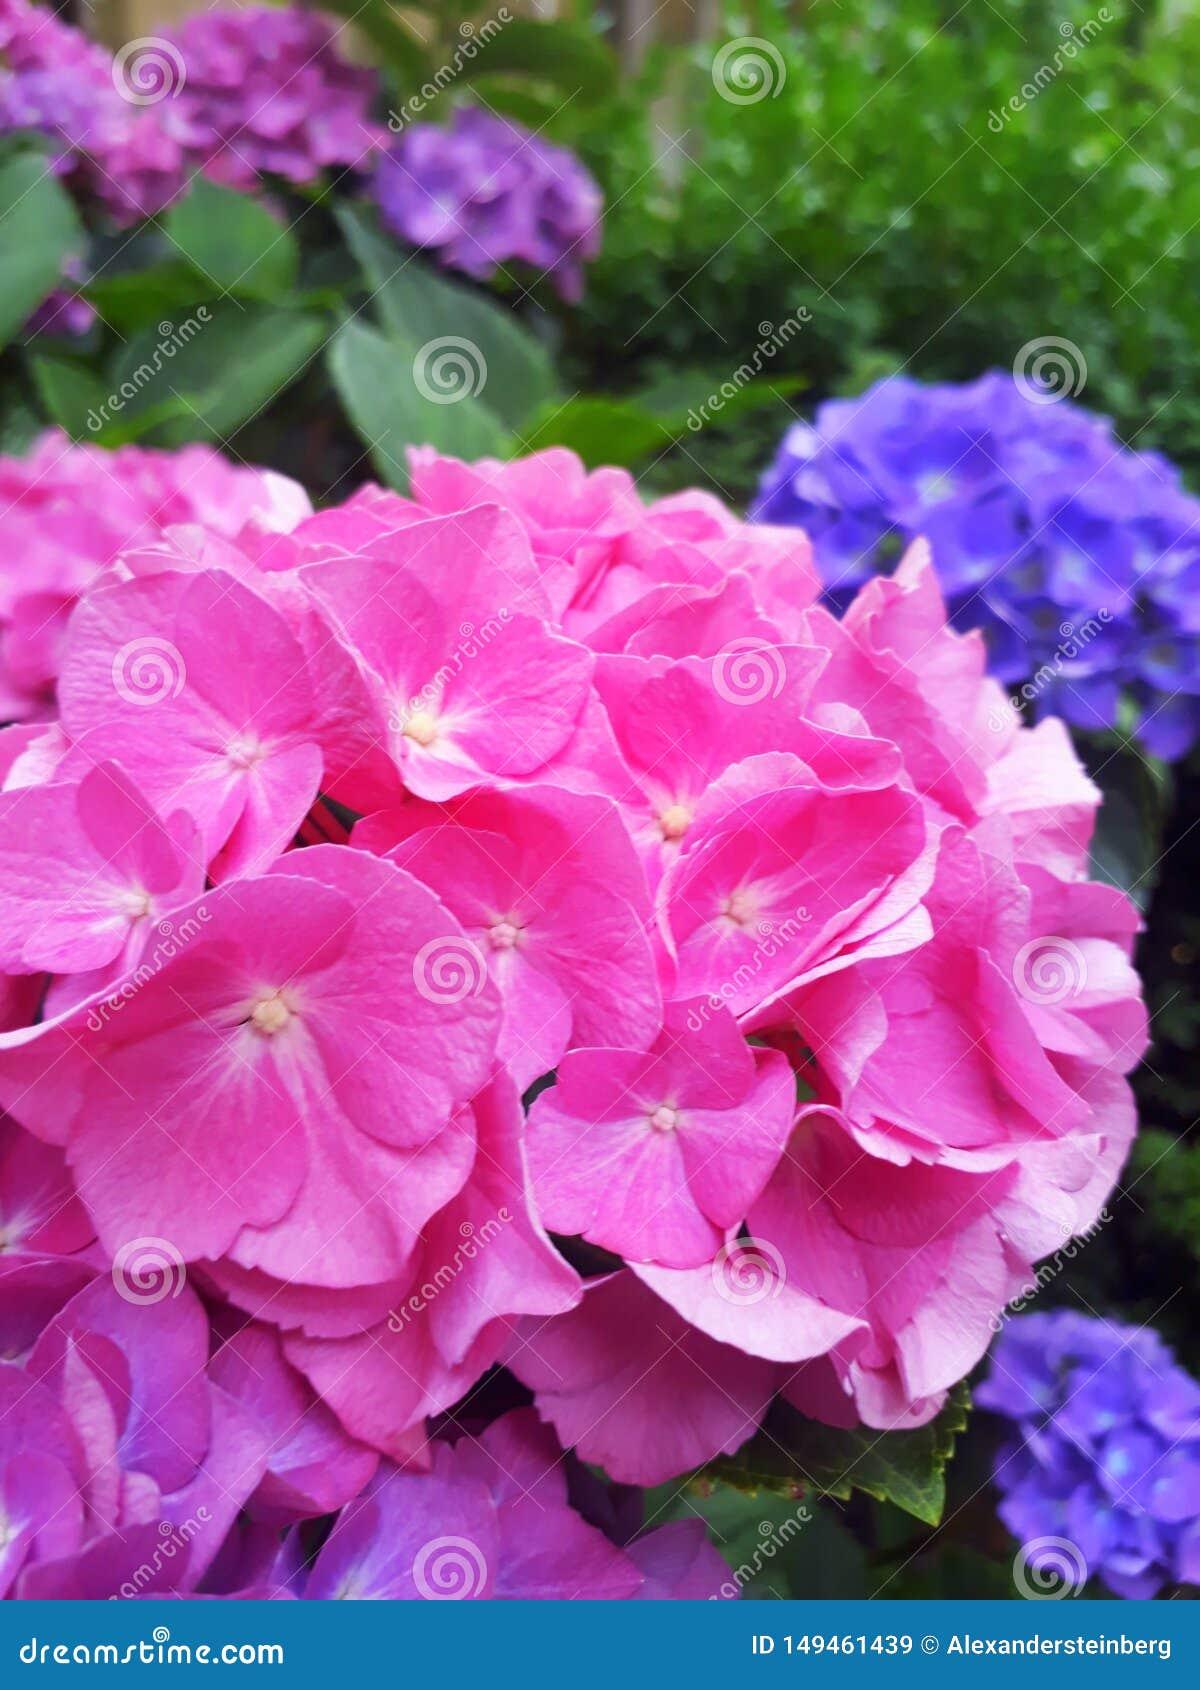 Rosa Blumen in einem gr?nen Bett in einem Garten